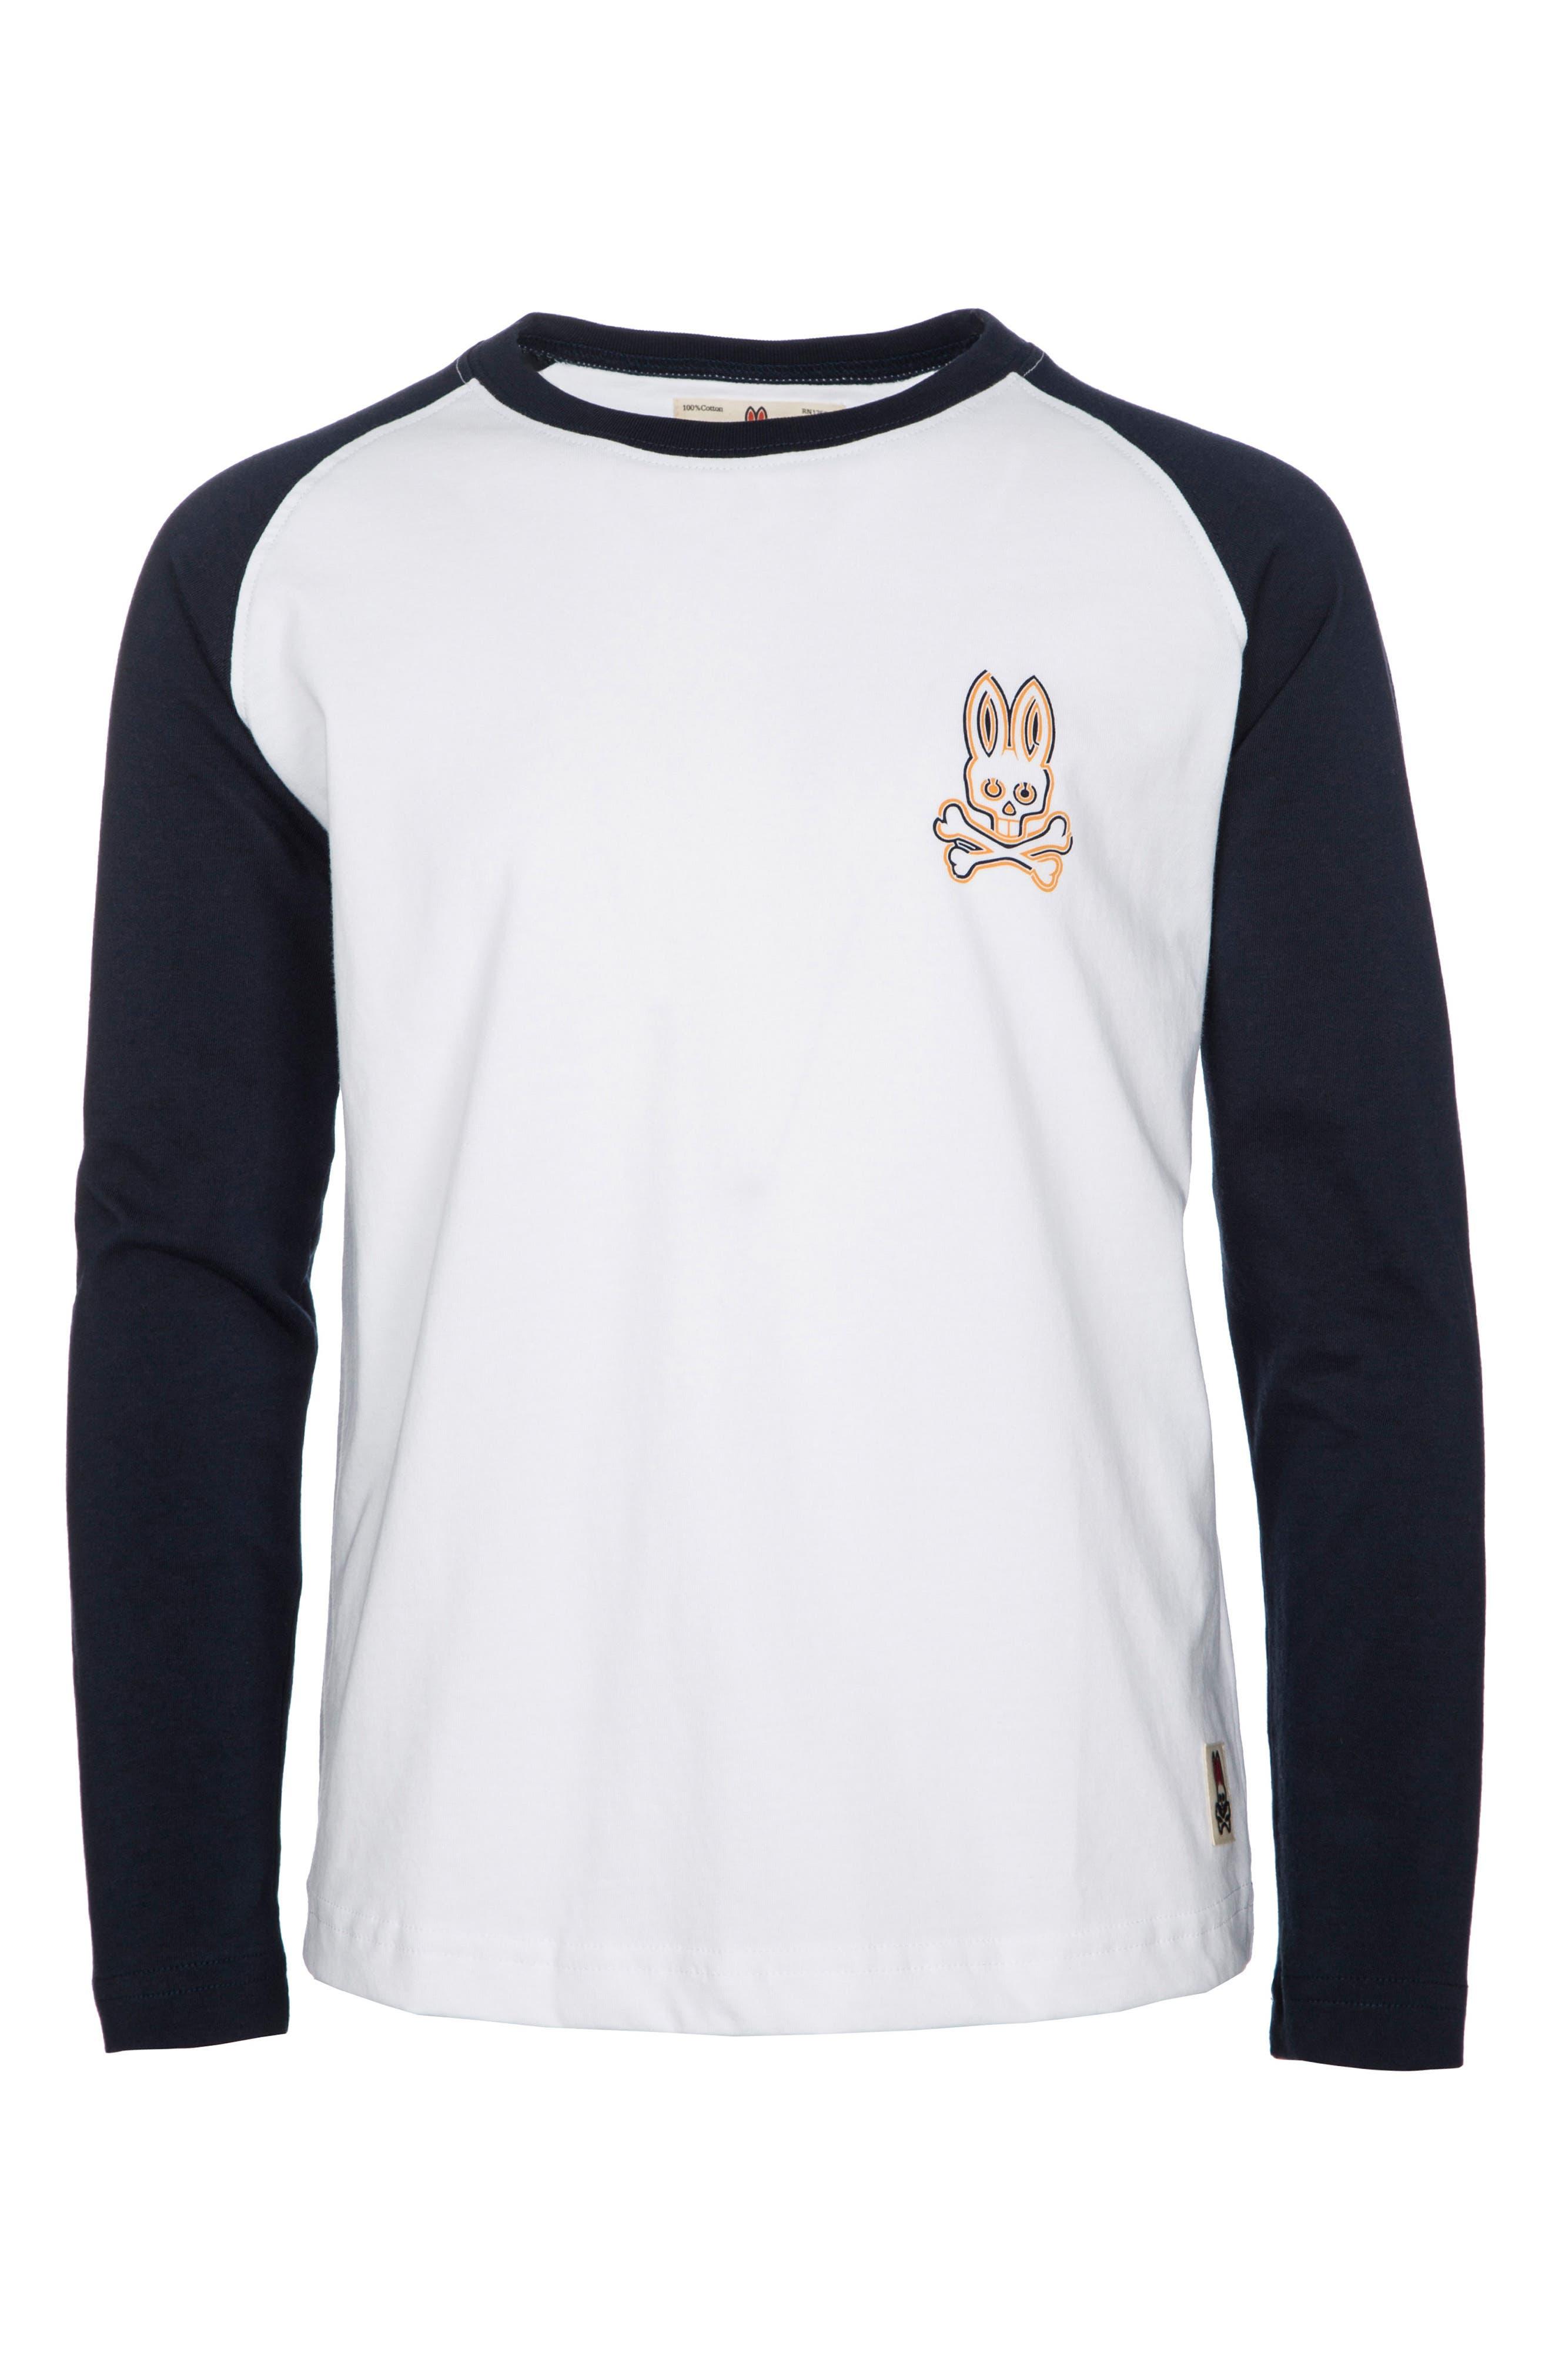 Mantle Pima Cotton T-Shirt,                             Main thumbnail 1, color,                             Navy